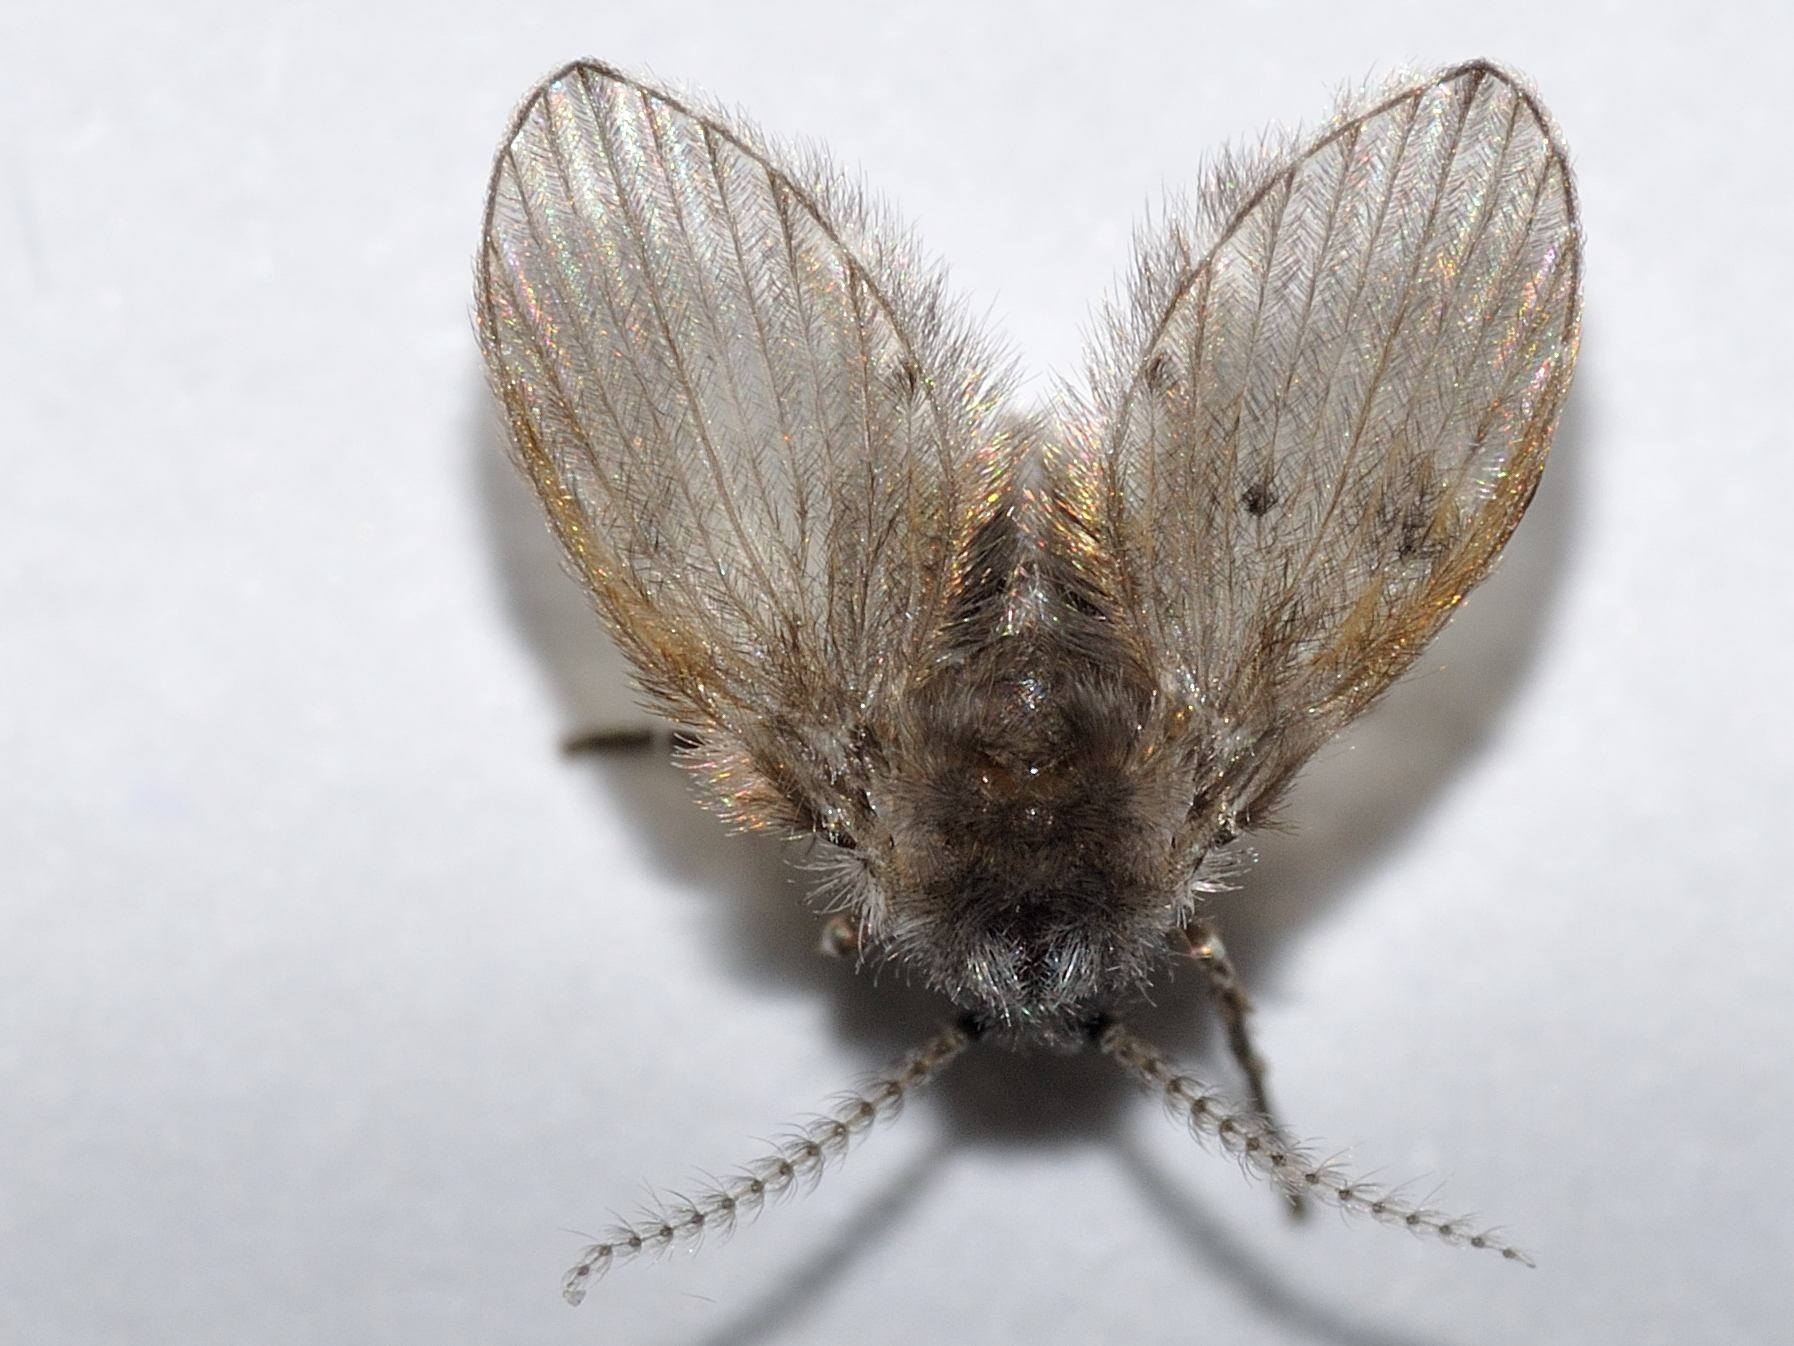 Insetti simili mosche in bagno cosa sono psychodidae forum natura mediterraneo forum - Da dove vengono gli scarafaggi in casa ...